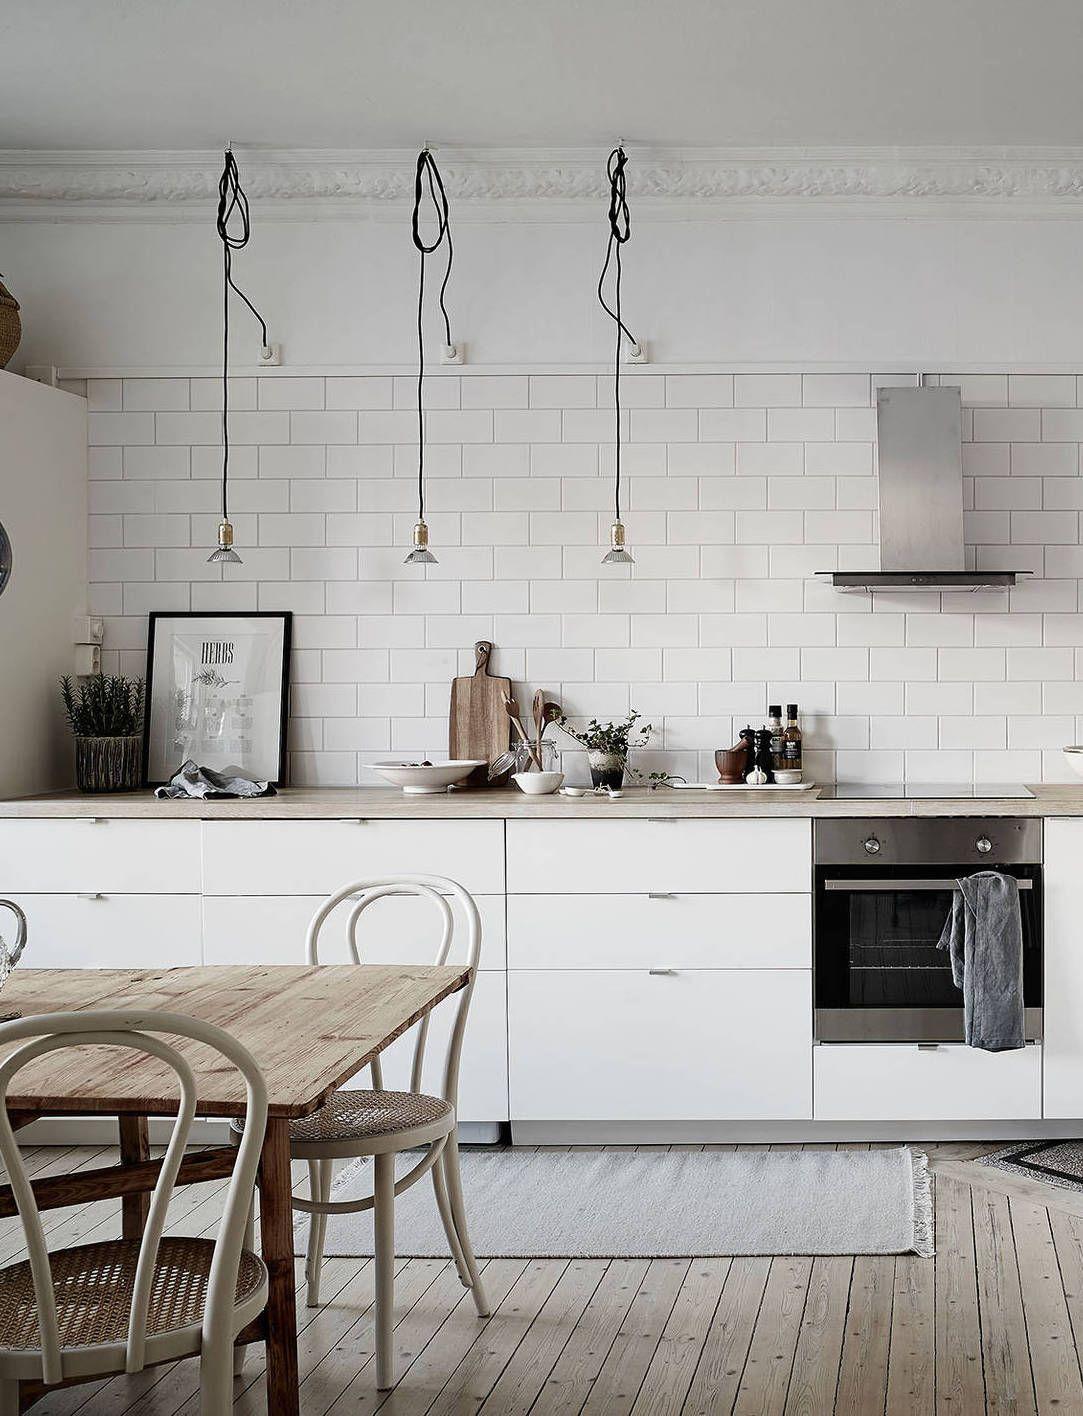 Minimilist white scandi kitchen | ARCHITECTURE | Pinterest ...